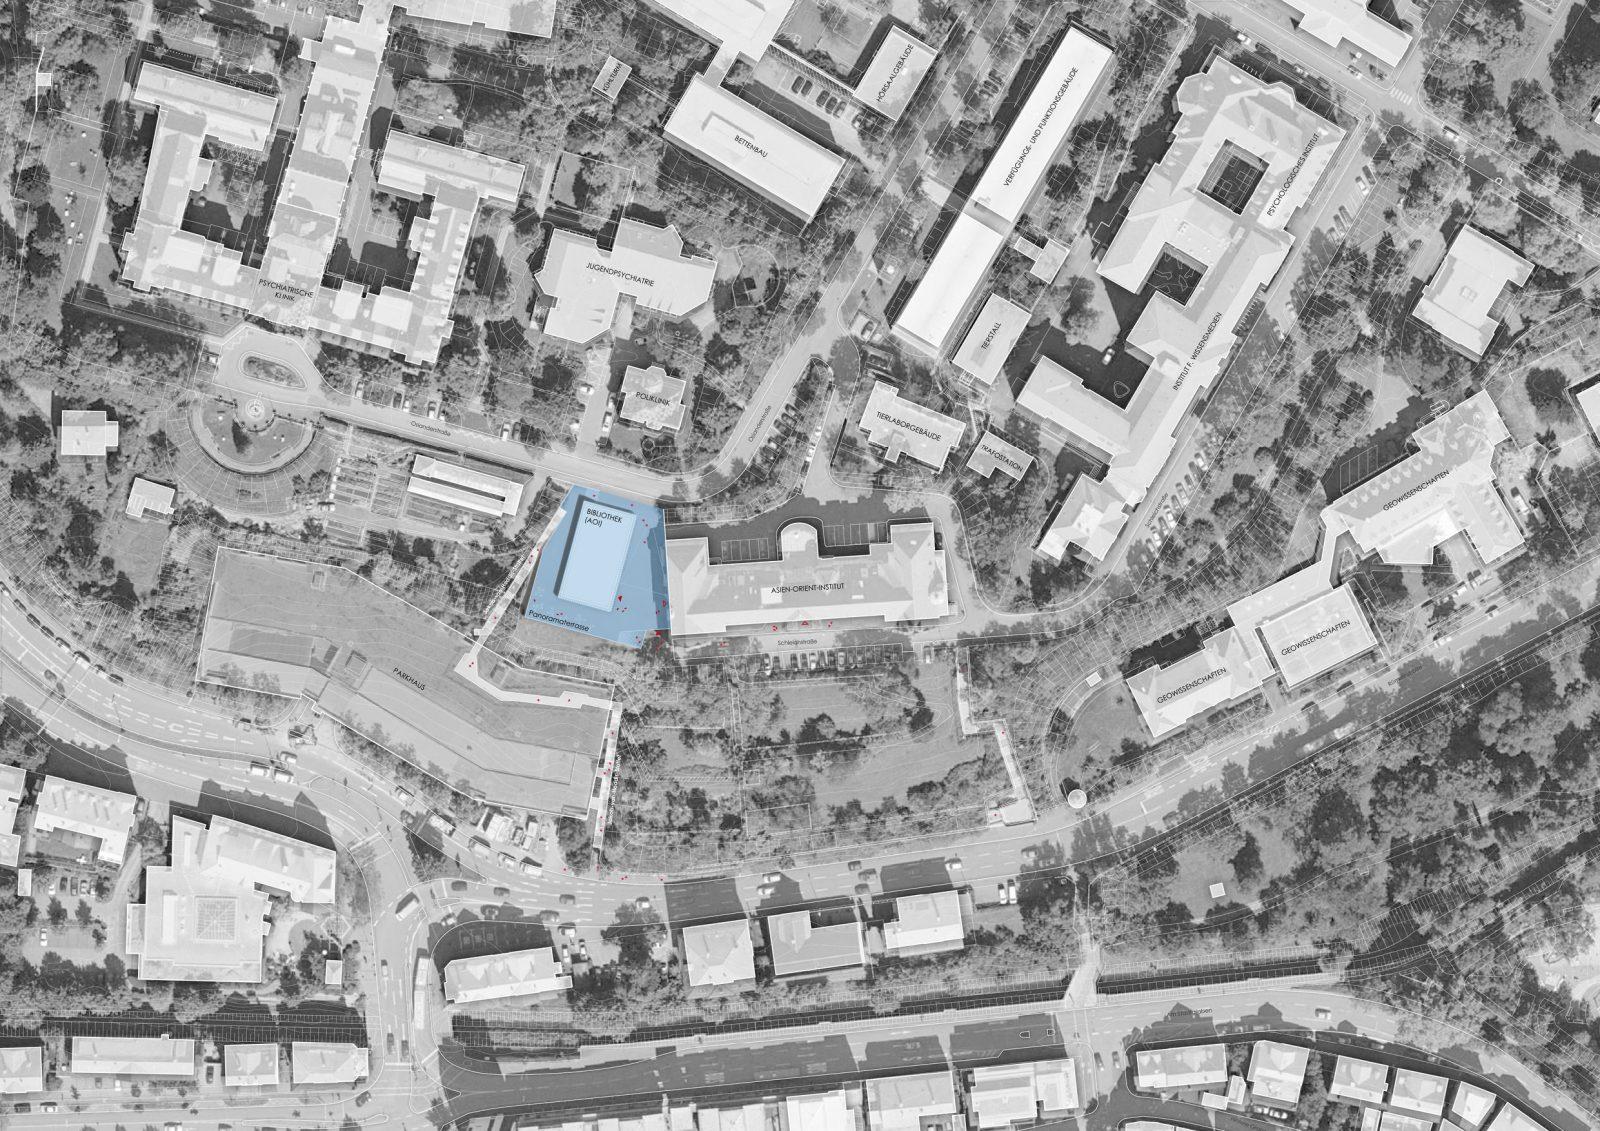 Lageplan Neubau Bibliotheksgebäude und Asien-Orient-Institut, Tübingen